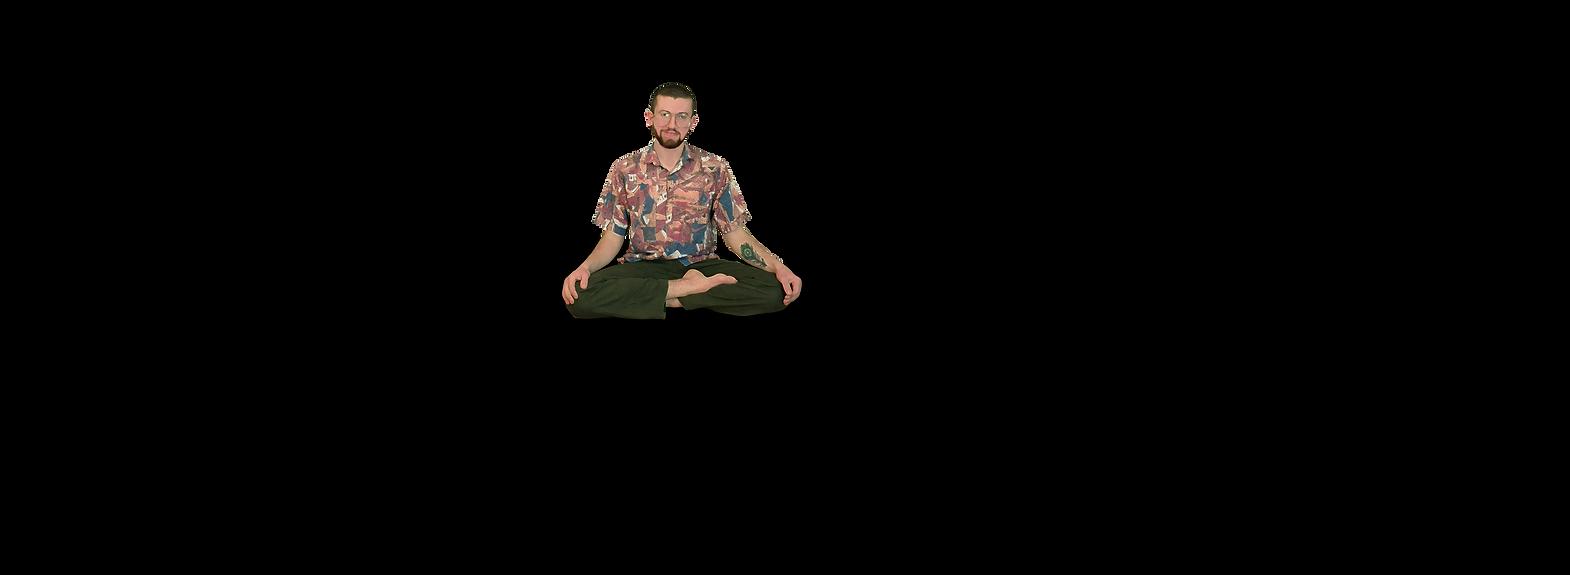 Startseite_Baum_02_Mischa_Yoga_01.png